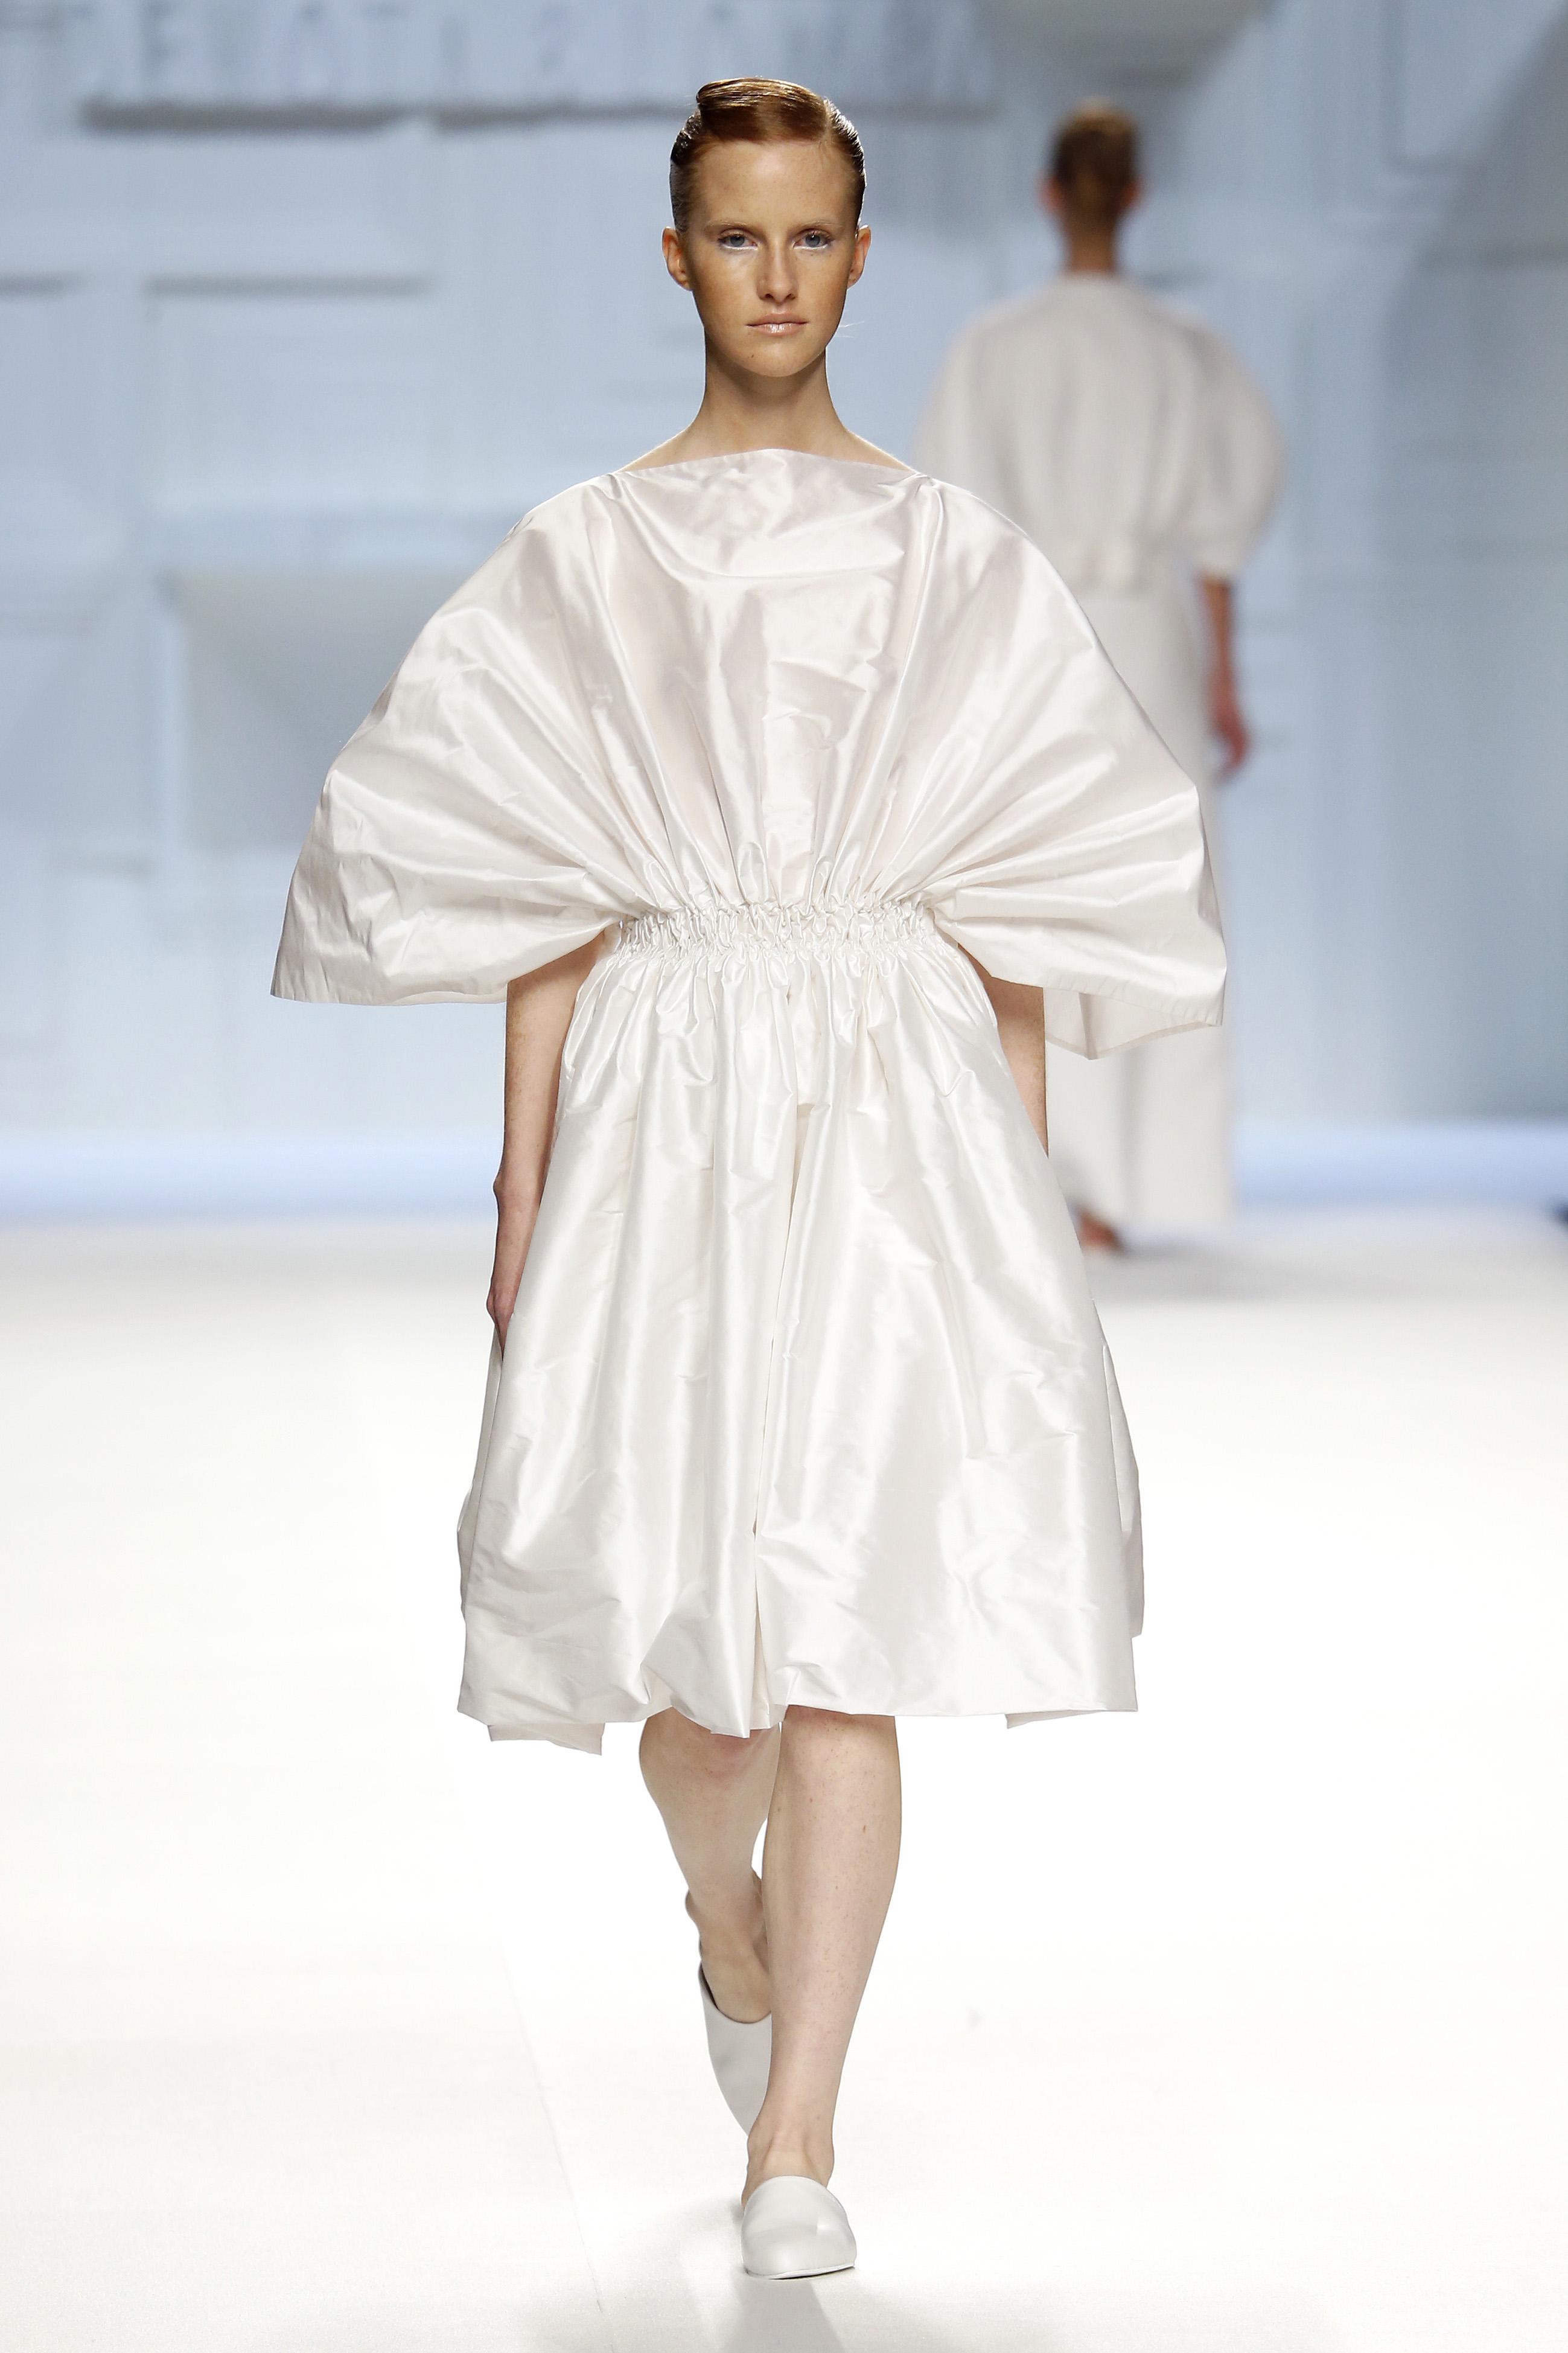 Vestido blanco fruncido tipo abanico